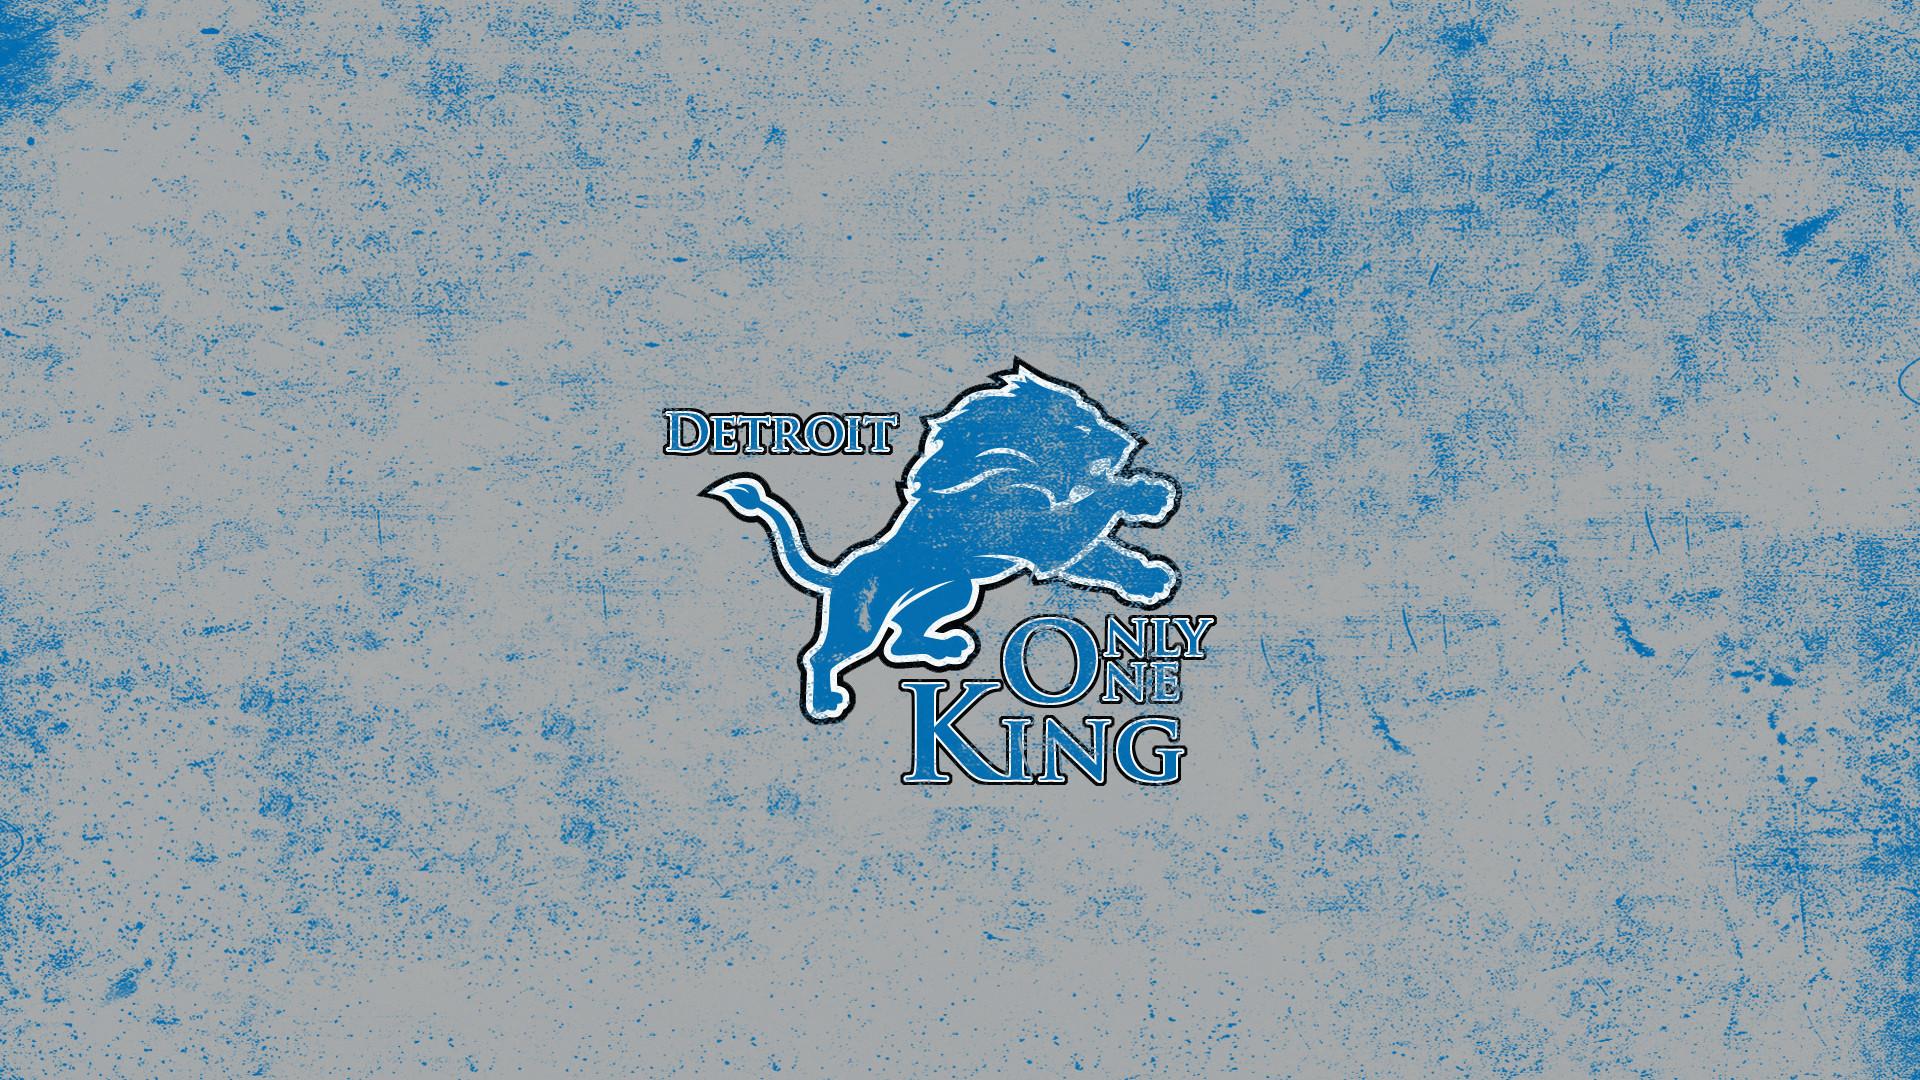 Detroit Lions Wallpaper, 35+ HD Detroit Lions Wallpapers